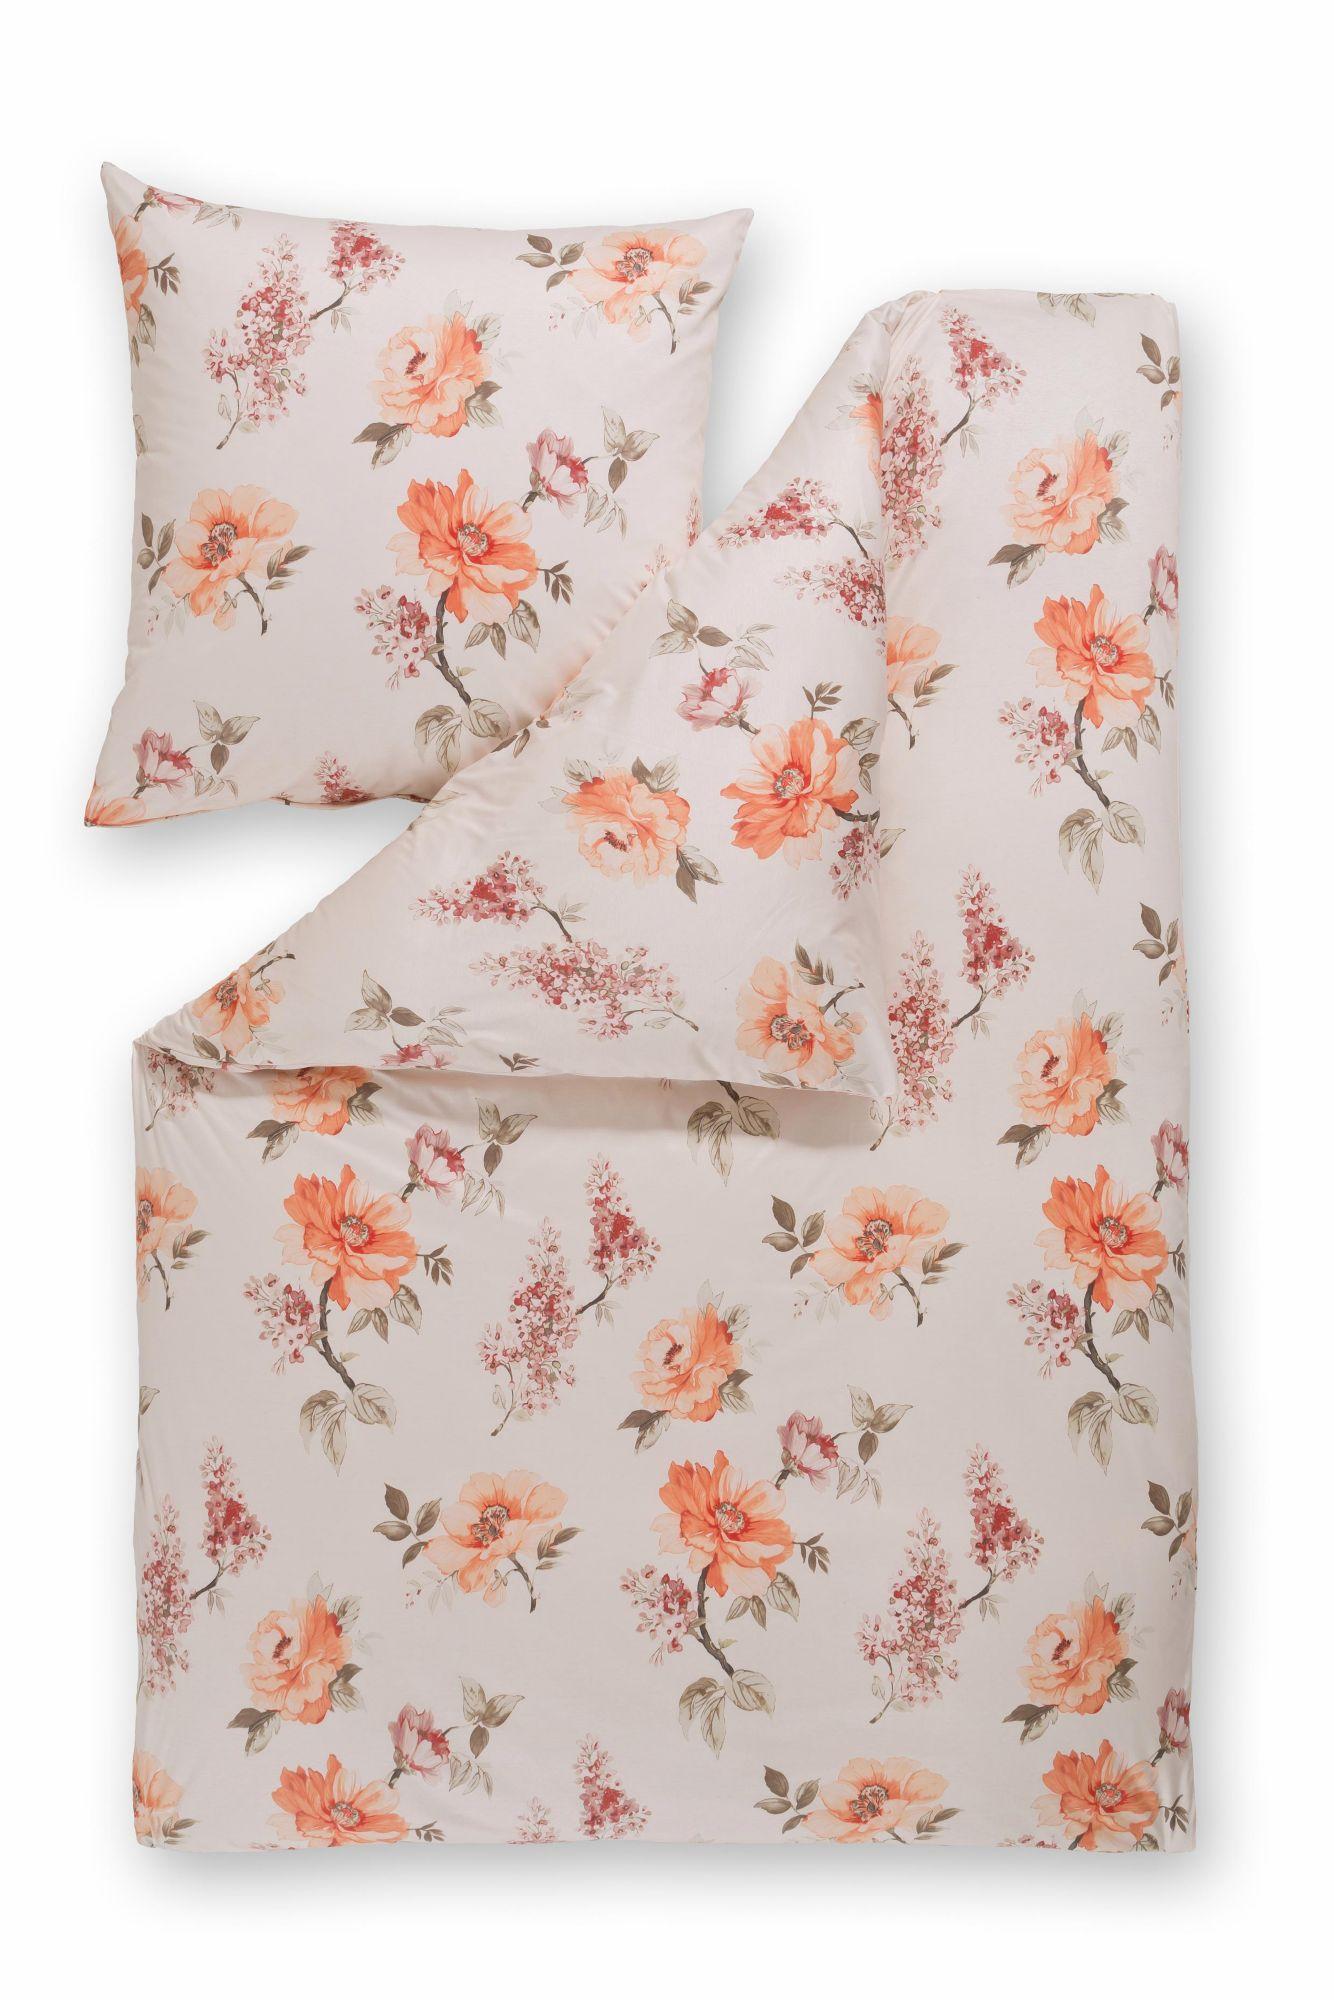 ESTELLA Bettwäsche, Estella, »Aneta«, im floralen Design